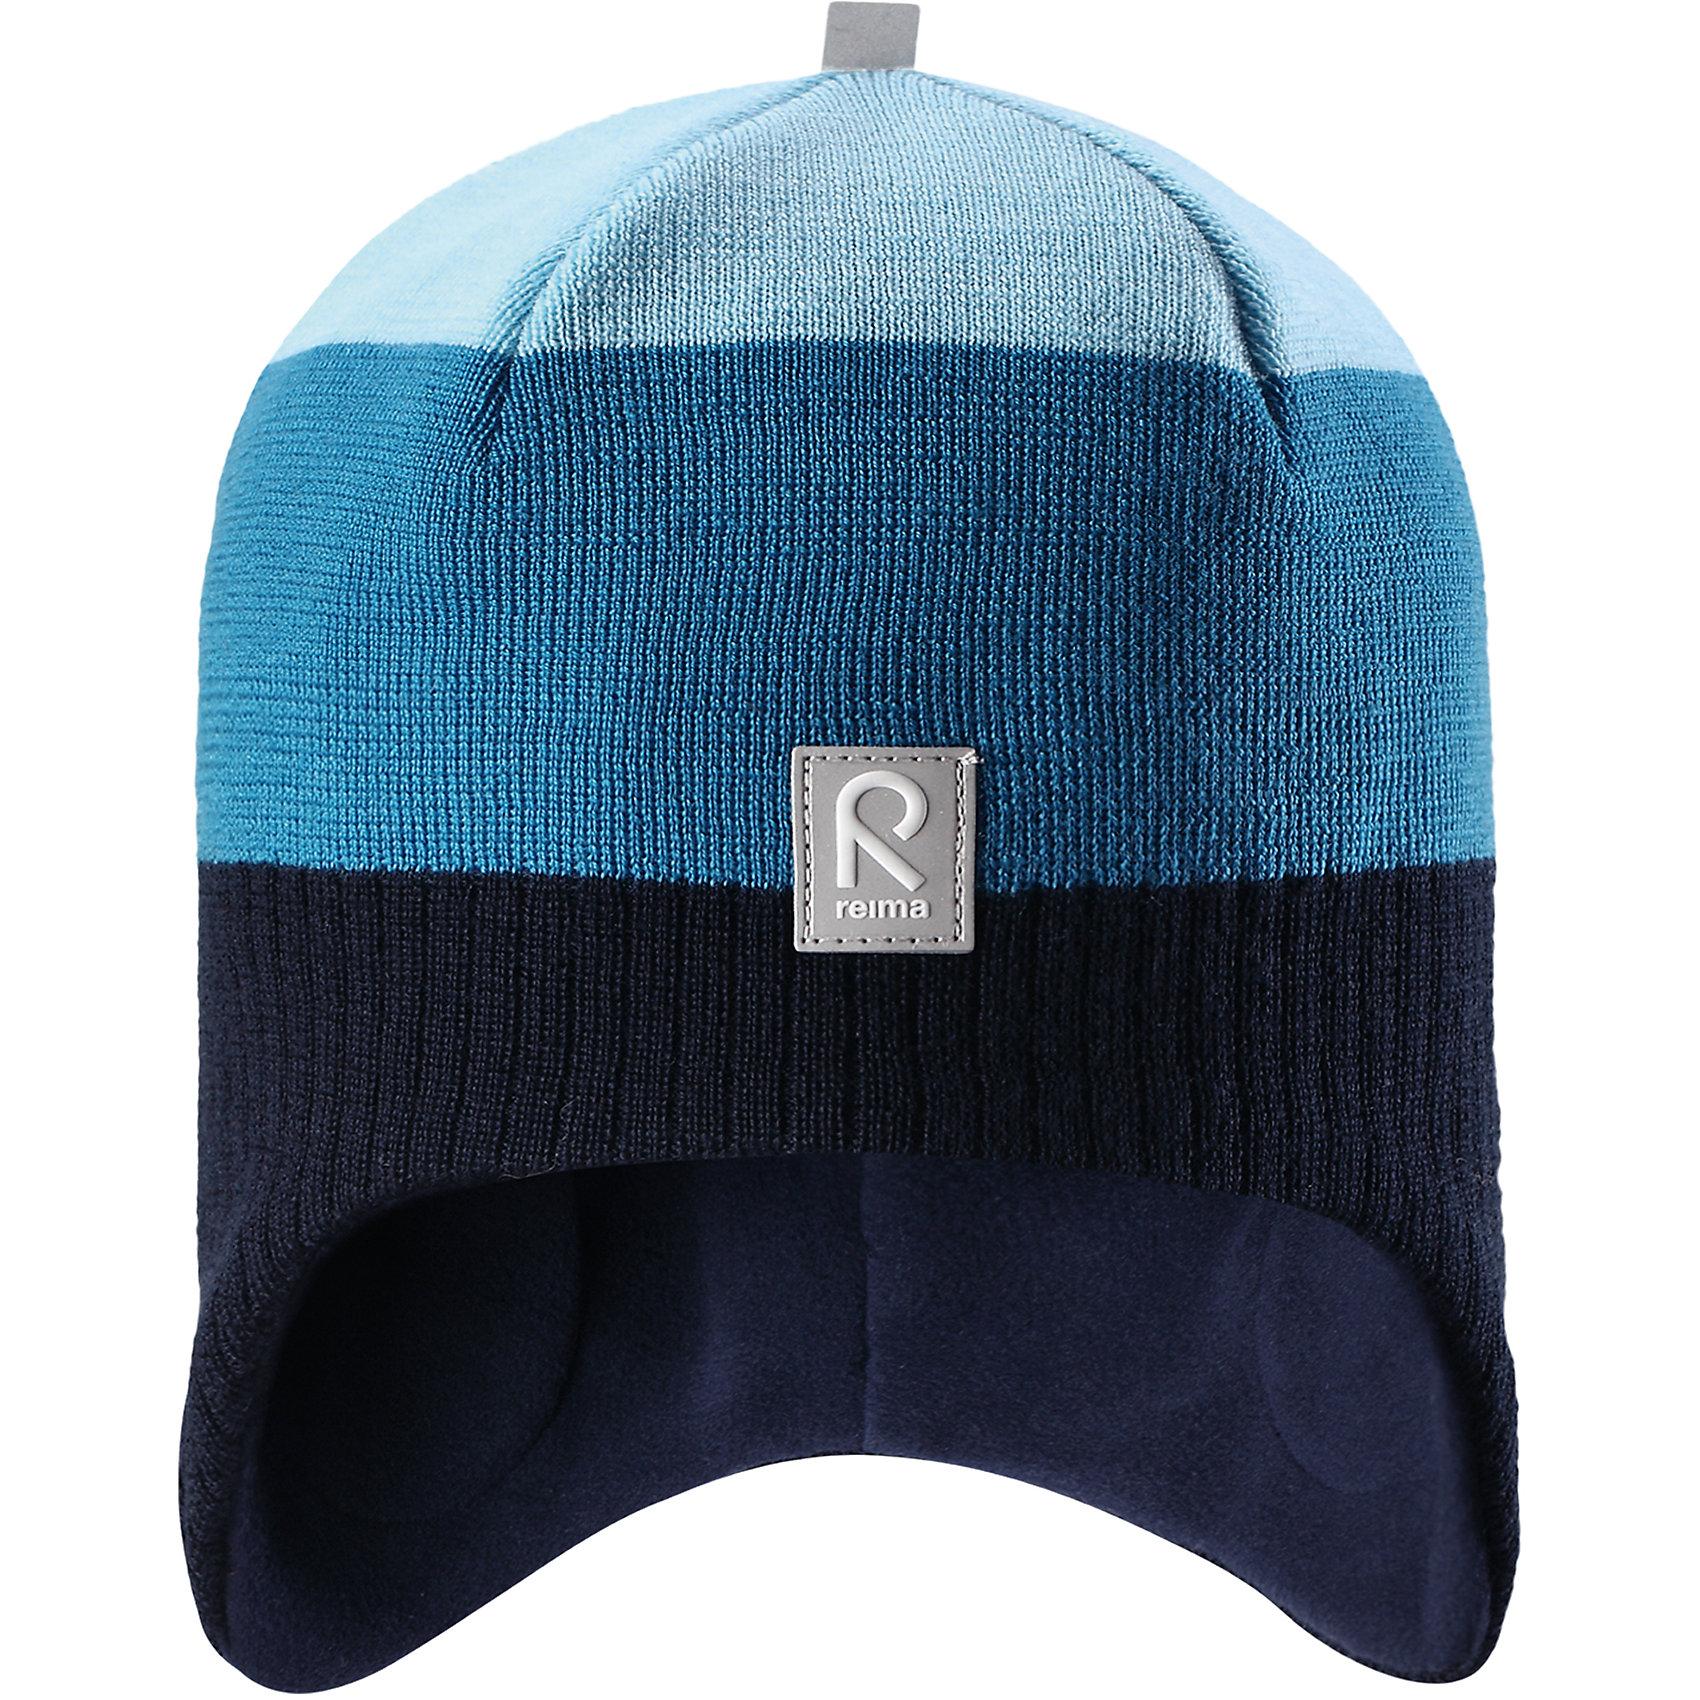 Шапка Reima LumulaГоловные уборы<br>Характеристики товара:<br><br>• цвет: синий;<br>• состав: 100% шерсть;<br>• подкладка: 100% полиэстер, флис;<br>• без дополнительного утепления;<br>• сезон: зима;<br>• температурный режим: от 0 до -20С;<br>• мягкая ткань из мериносовой шерсти для поддержания идеальной температуры тела;<br>• ветронепроницаемые вставки в области ушей;<br>• сплошная подкладка: мягкий теплый флис;<br>• логотип Reima® спереди;<br>• страна бренда: Финляндия;<br>• страна изготовитель: Китай.<br><br>Детская шерстяная шапка хорошо защищает уши. Эта удобная модель хорошо закрывает уши ребенка и защищает лоб даже без завязок. Стильная шапка из 100% шерсти подшита удобной теплой флисовой подкладкой из полиэстера. Материал быстро сохнет и обладает влагоотводящими свойствами. Ветронепроницаемые вставки между верхним слоем и подкладкой обеспечивают ушкам дополнительную защиту от ветра.<br><br>Шапку Lumula Reima от финского бренда Reima (Рейма) можно купить в нашем интернет-магазине.<br><br>Ширина мм: 89<br>Глубина мм: 117<br>Высота мм: 44<br>Вес г: 155<br>Цвет: синий<br>Возраст от месяцев: 36<br>Возраст до месяцев: 48<br>Пол: Унисекс<br>Возраст: Детский<br>Размер: 50,56,54,52<br>SKU: 6902578